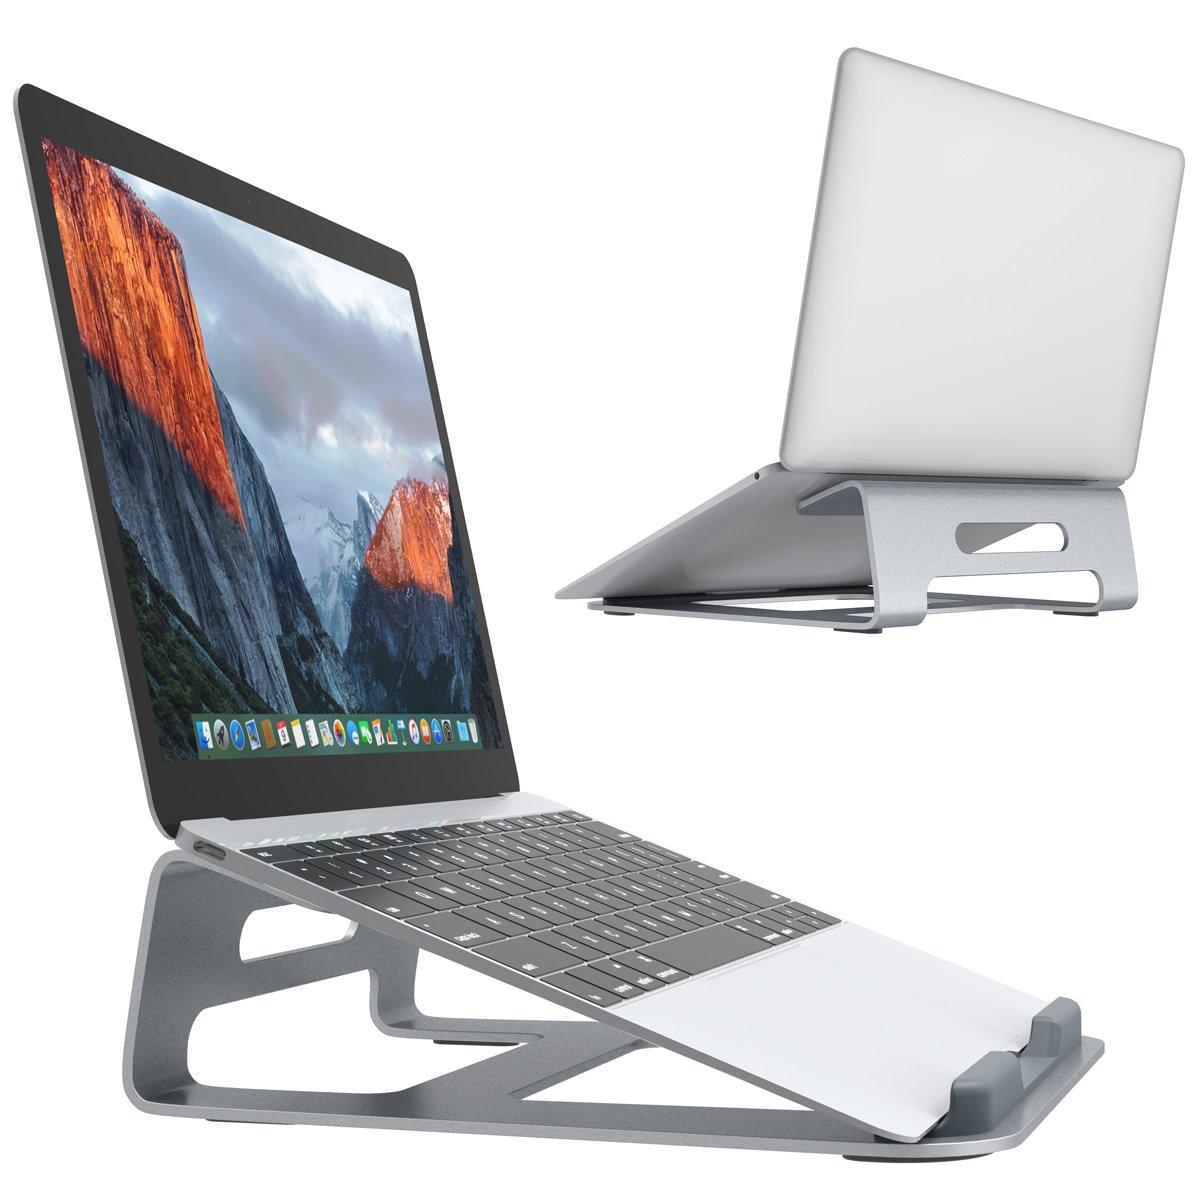 pour Voiture Bureau Canap/é Chaise-Lavable en Machine 168x65 Cm Ch/âle Chauffant USB Et Couverture Lap Lapel /électrique avec Arr/êt Automatique,Cape Chauffante en Flanelle Ultra-Doux